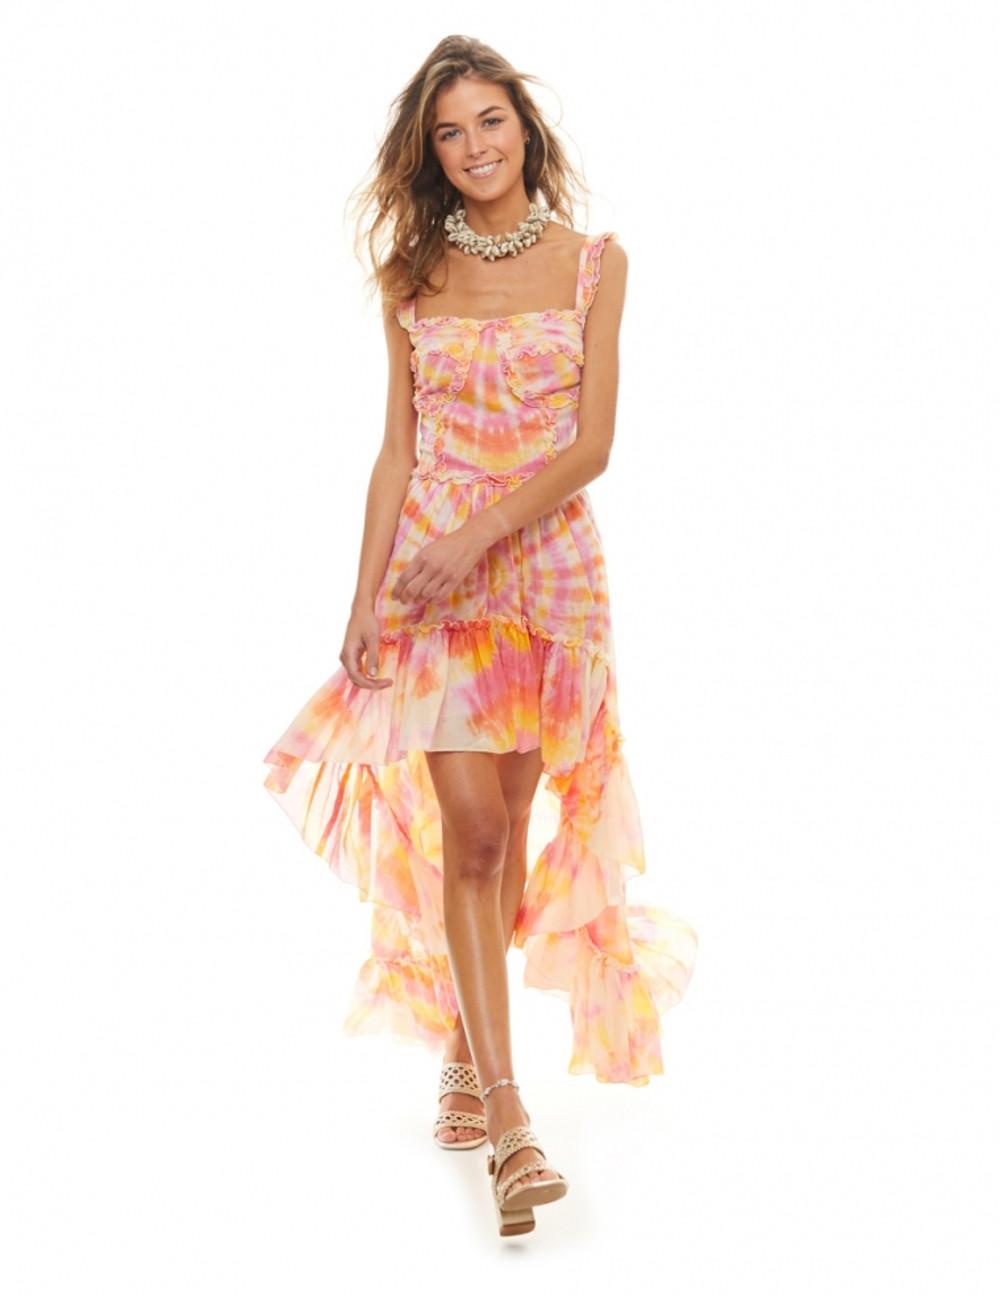 El vestido Rainbow es una mezcla explosiva de colores en un delicado estampado tie-dye elaborado con técnicas naturales. Sin duda el estilo más desenfadado y sexy para este verano. Alabama Shop